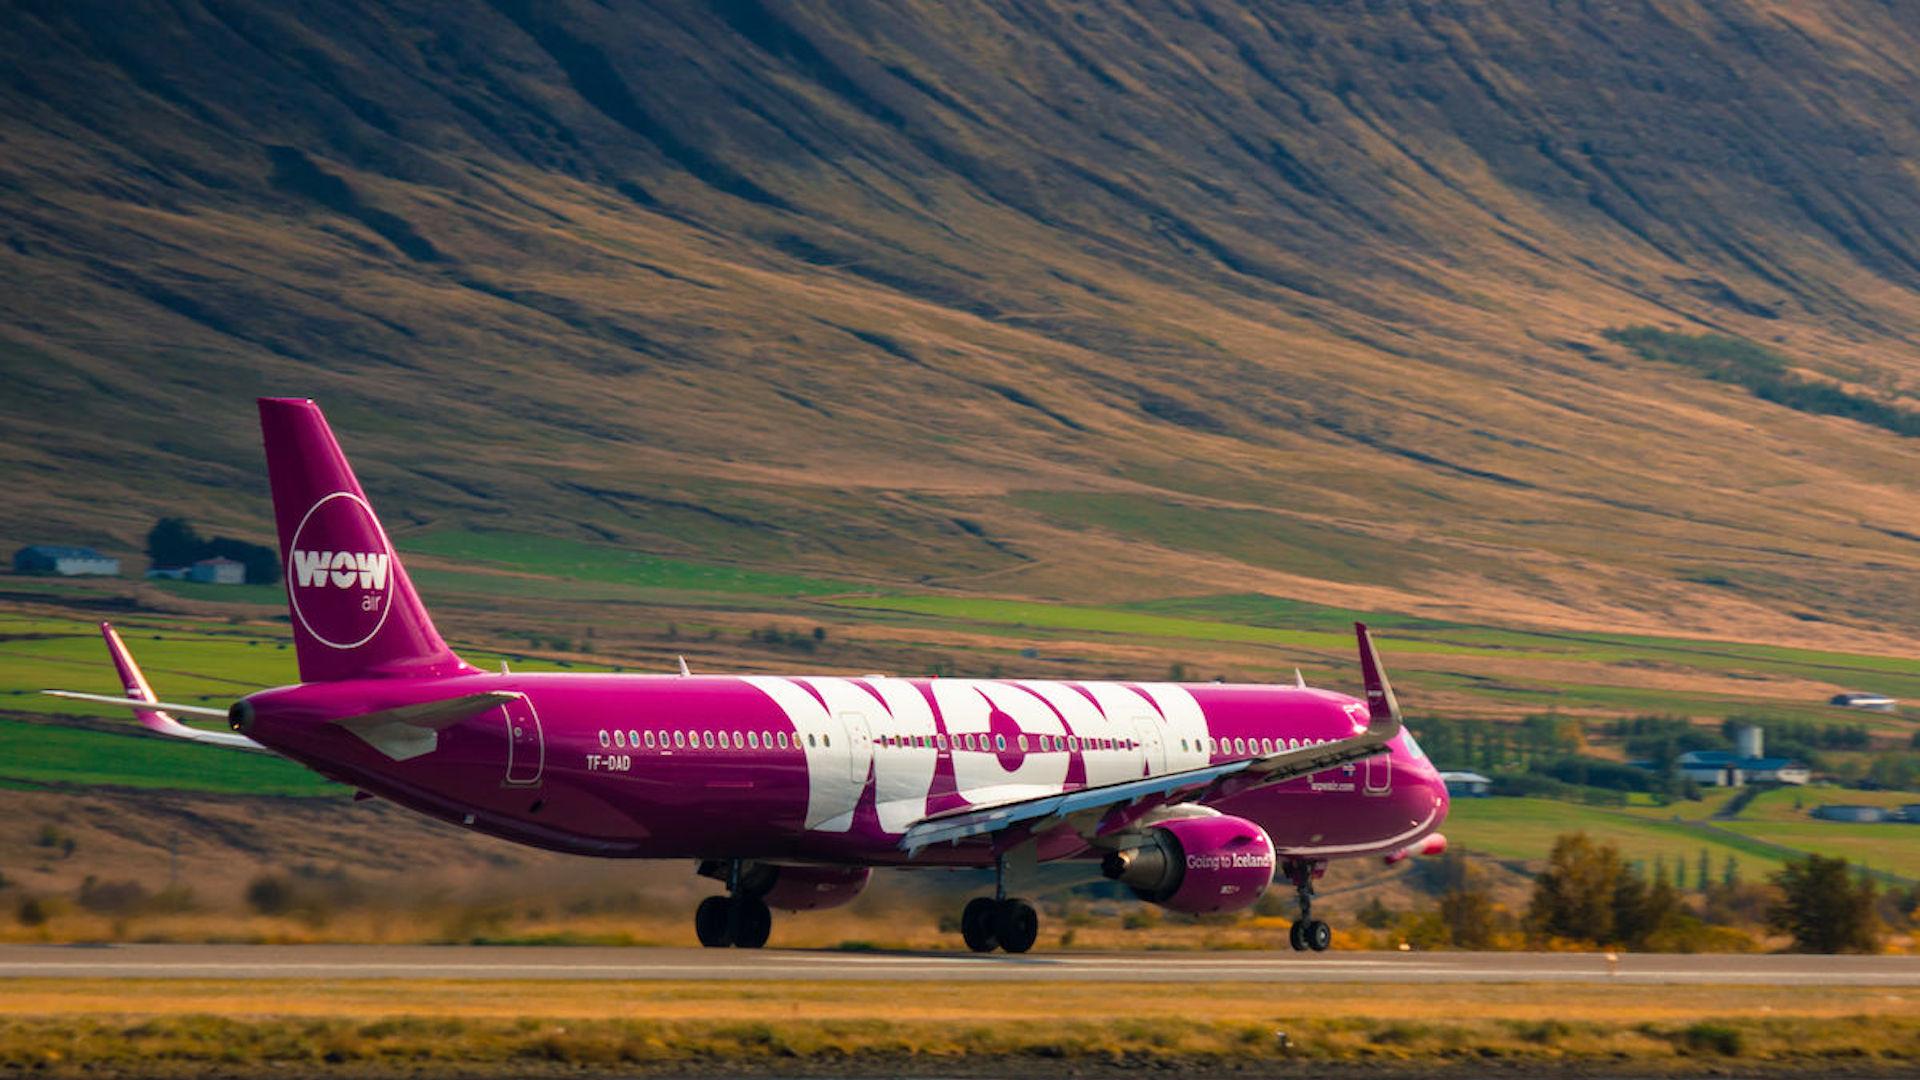 Tras su quiebra, vuelve la aerolínea Wow Air